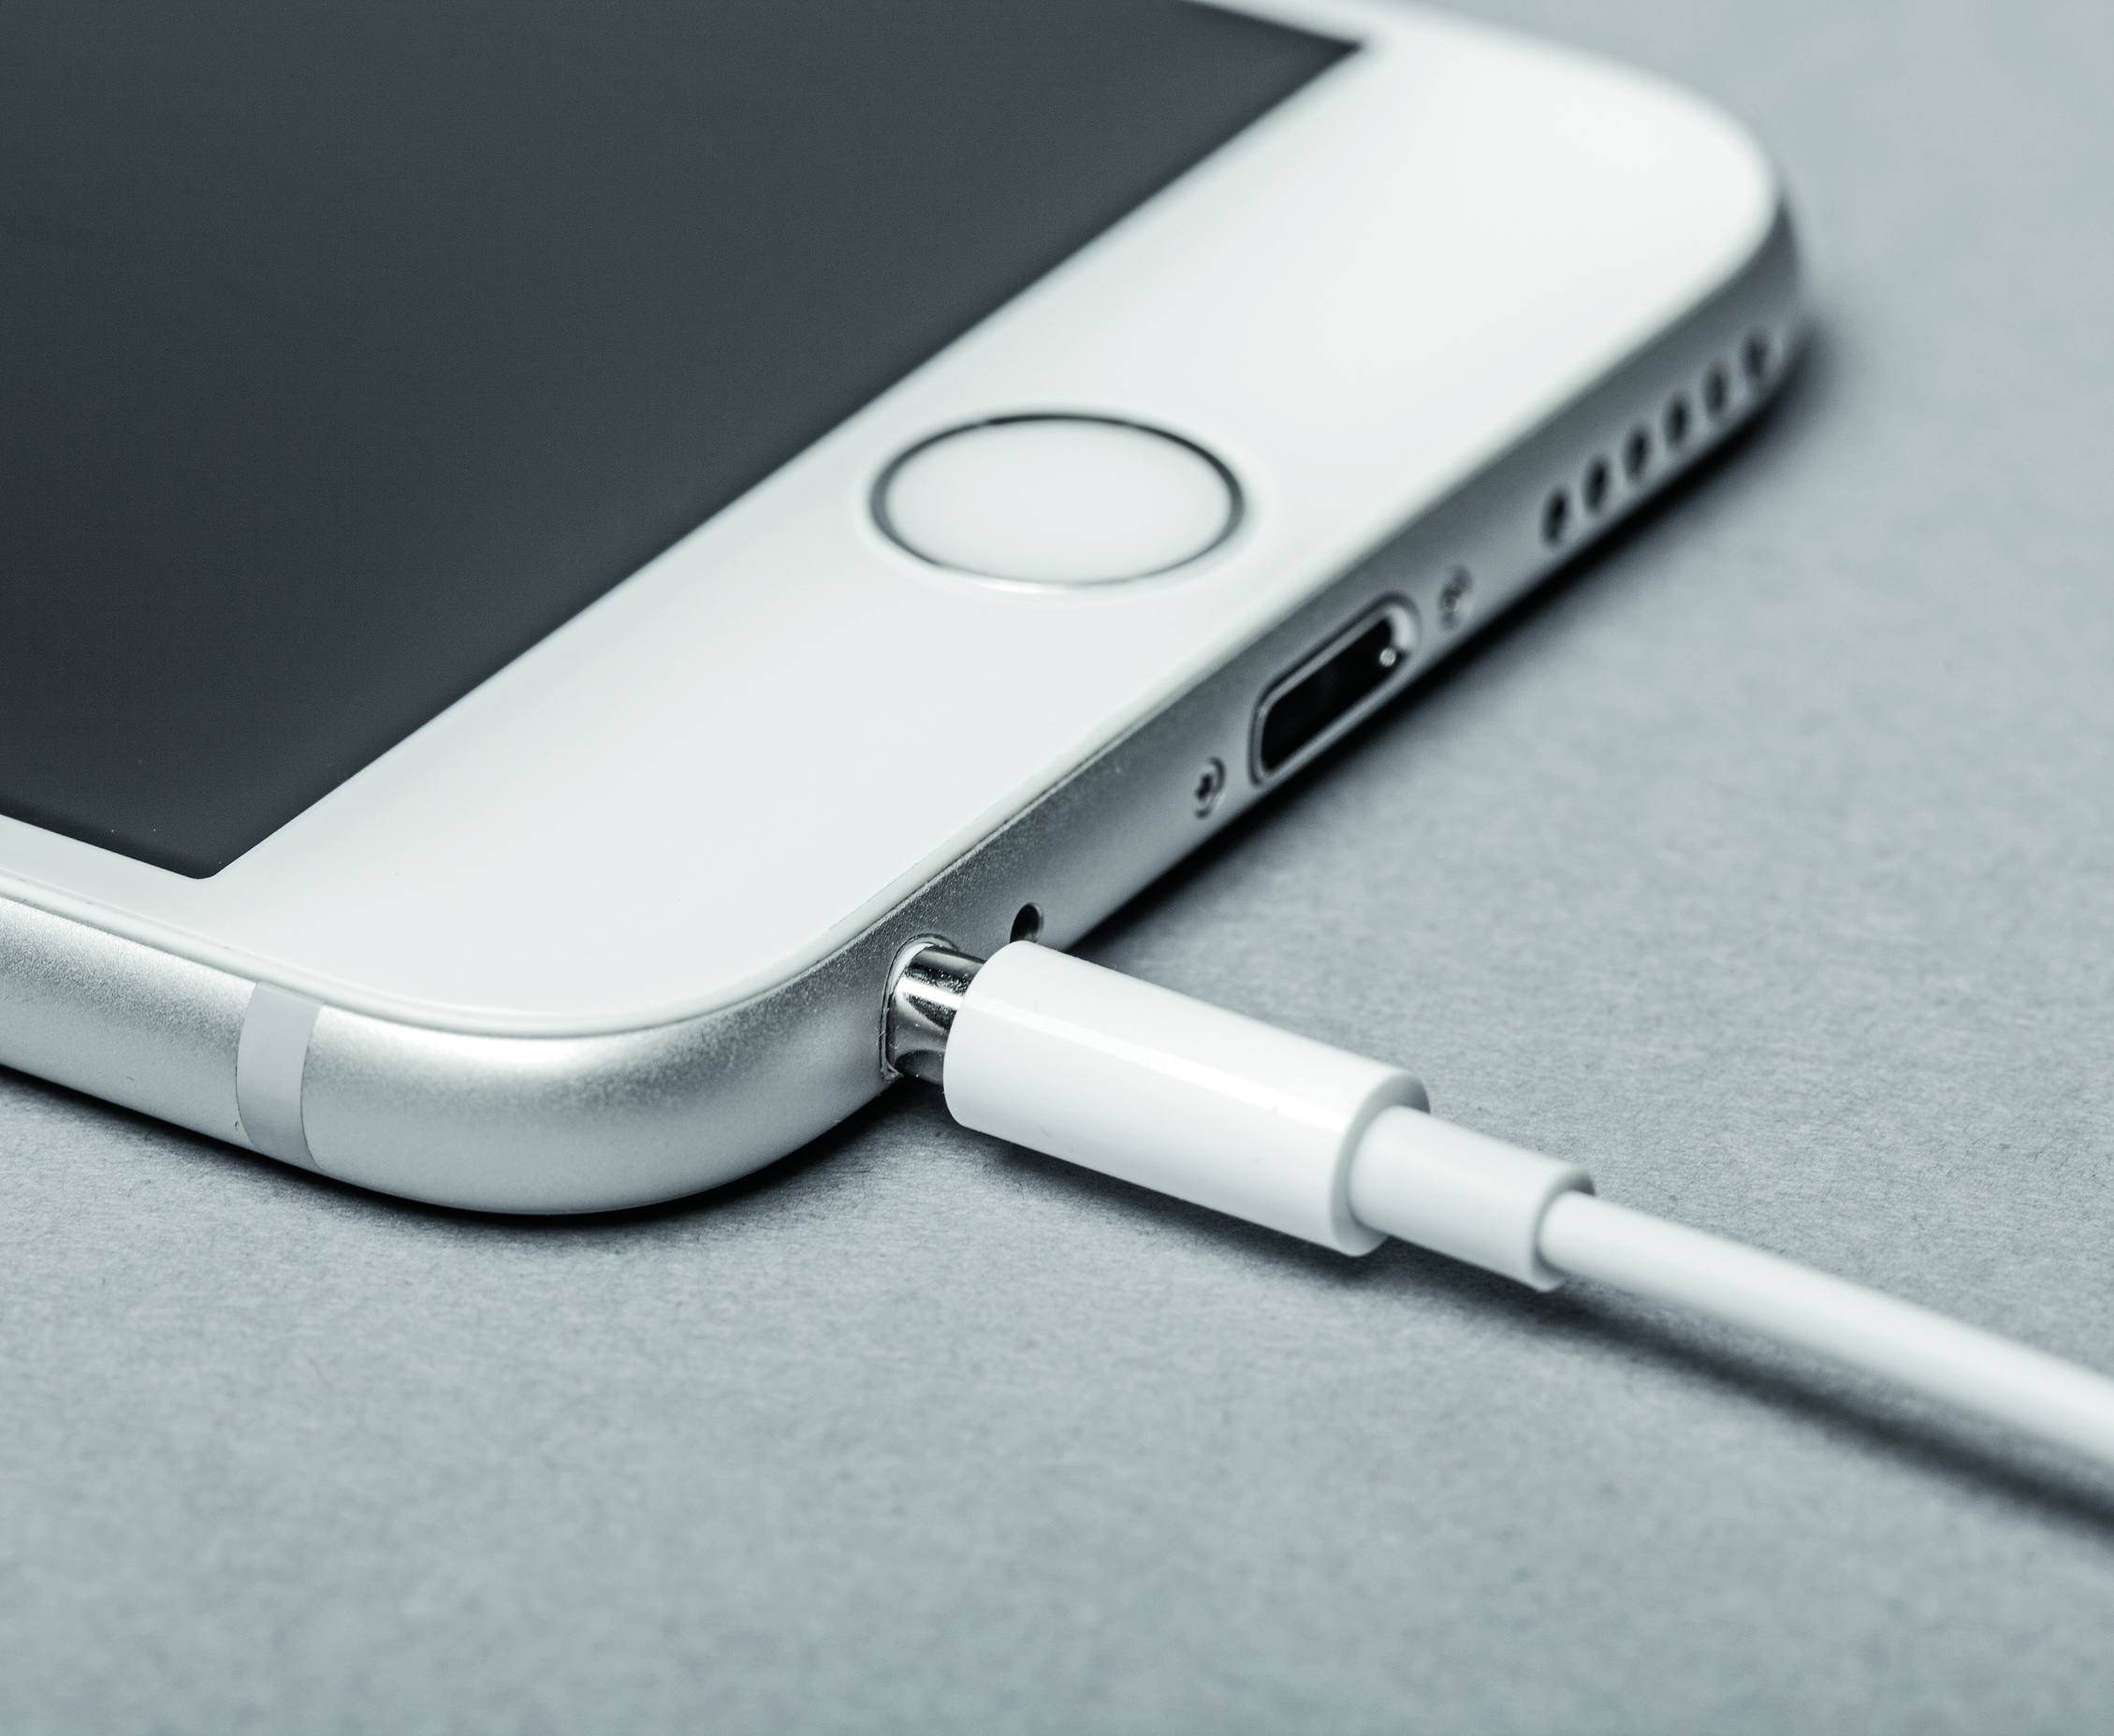 Iphone 4s kopfhörer geht nicht ganz rein